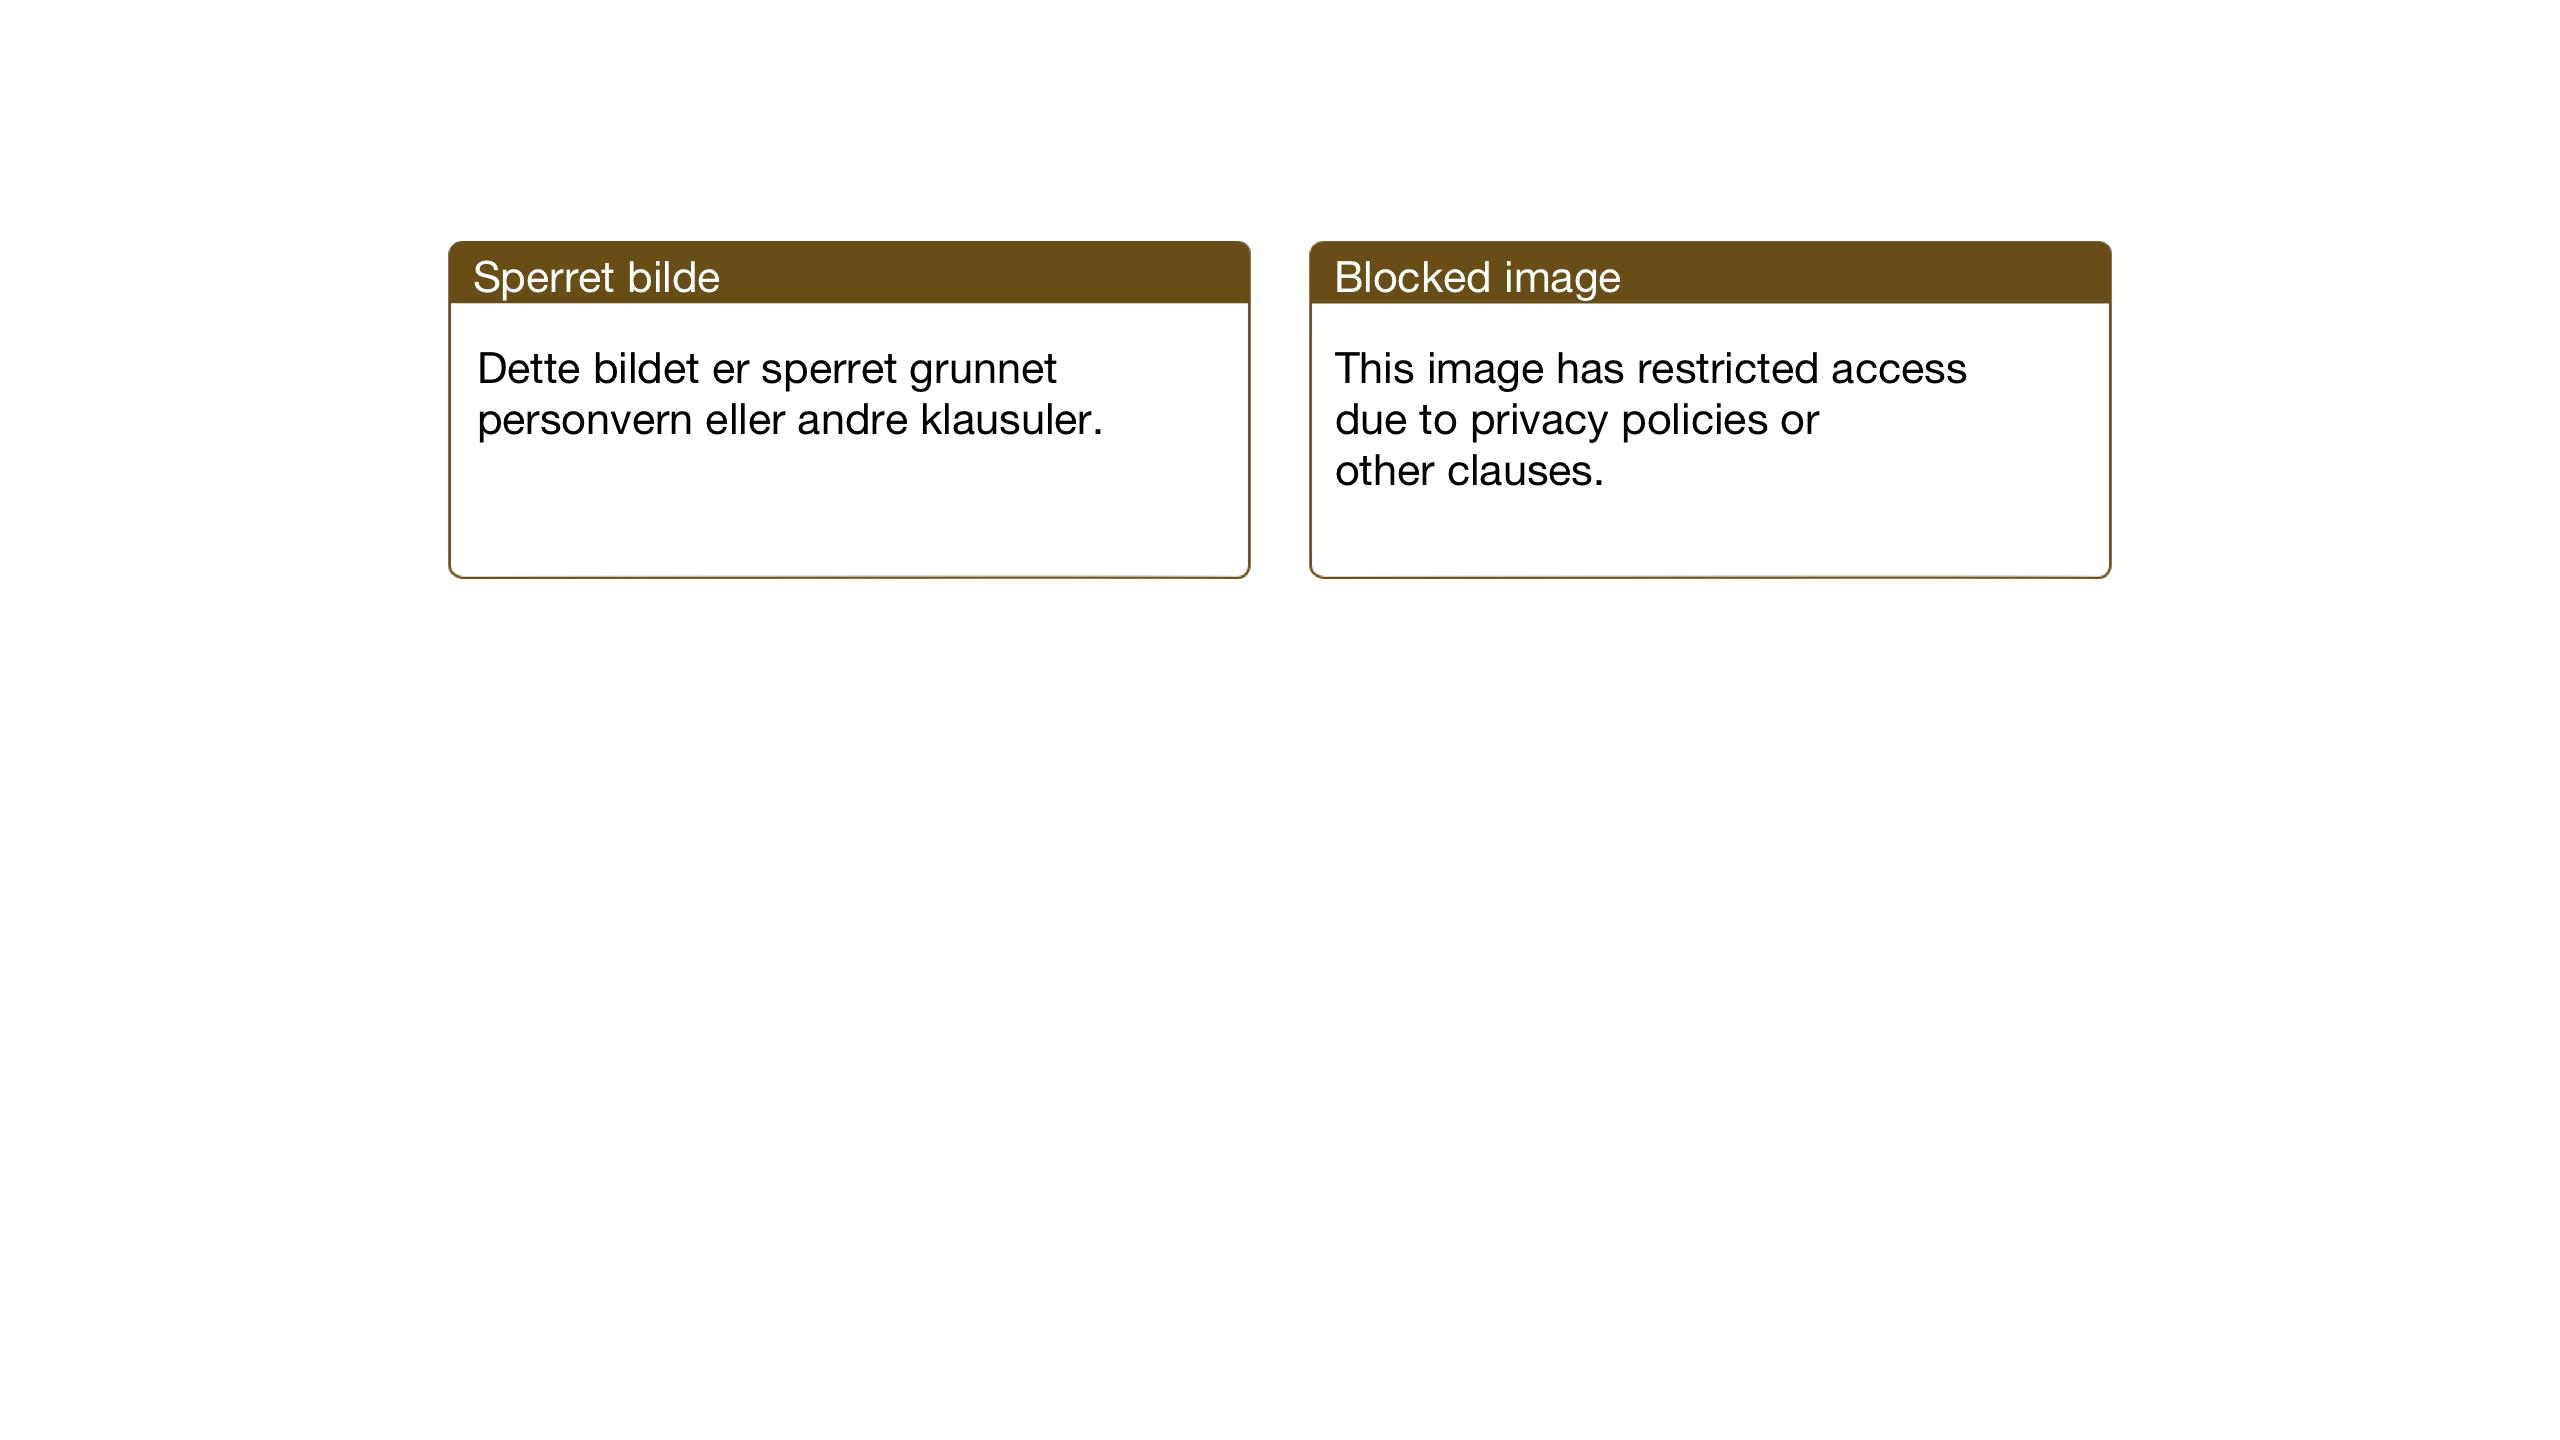 SAT, Ministerialprotokoller, klokkerbøker og fødselsregistre - Sør-Trøndelag, 607/L0328: Klokkerbok nr. 607C02, 1940-1948, s. 78